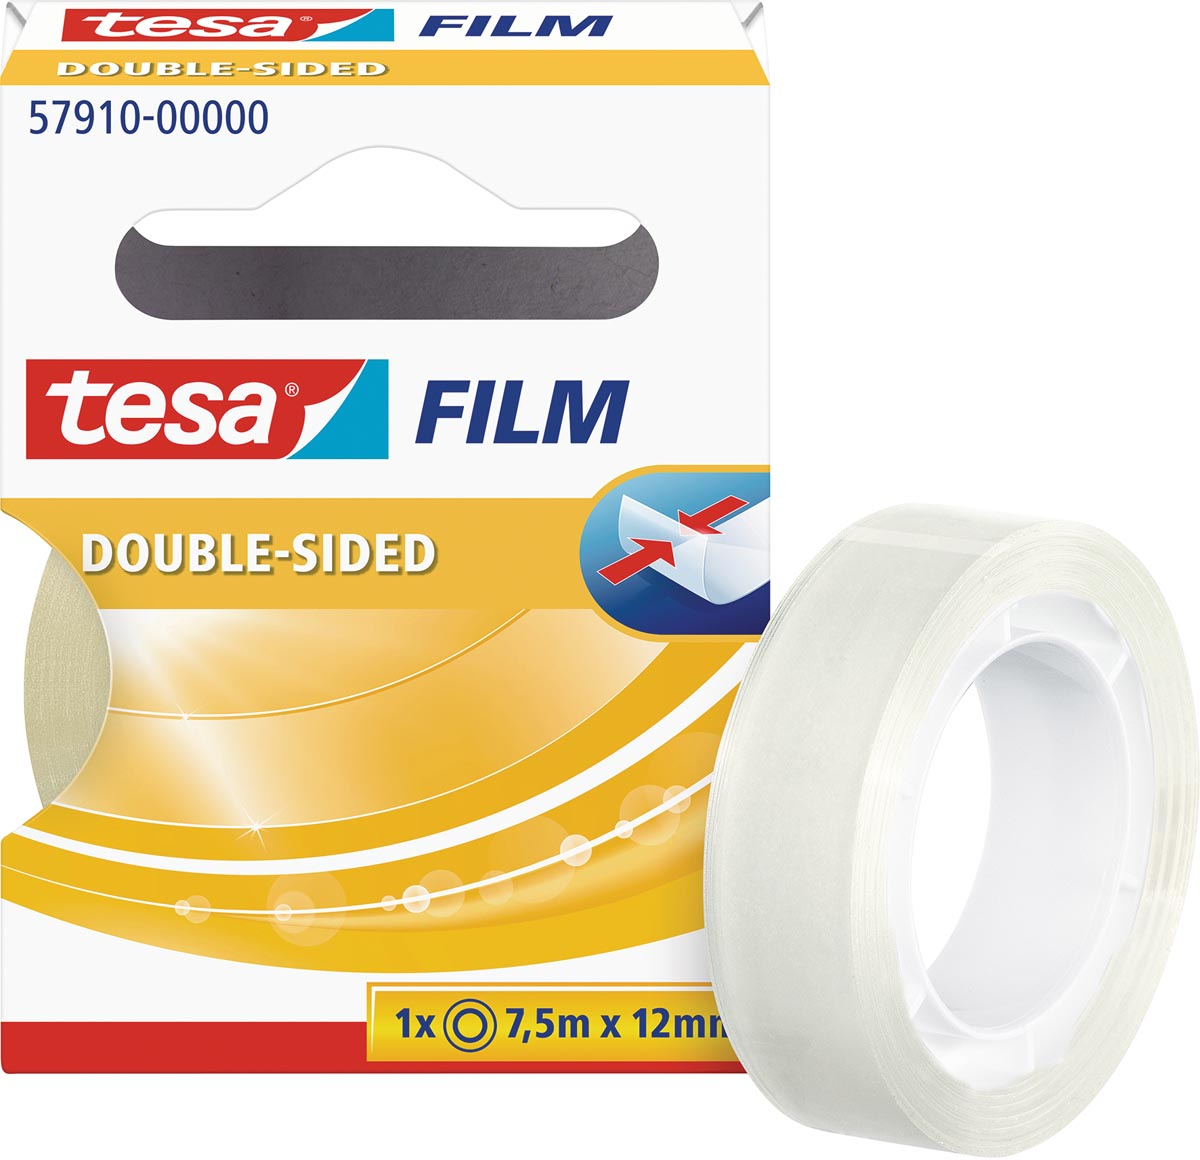 tesafilm dubbelzijdig plakband (l x b) 7.5 m x 12 mm Transparant PP 57910-0-0 TESA Inhoud: 1 rollen